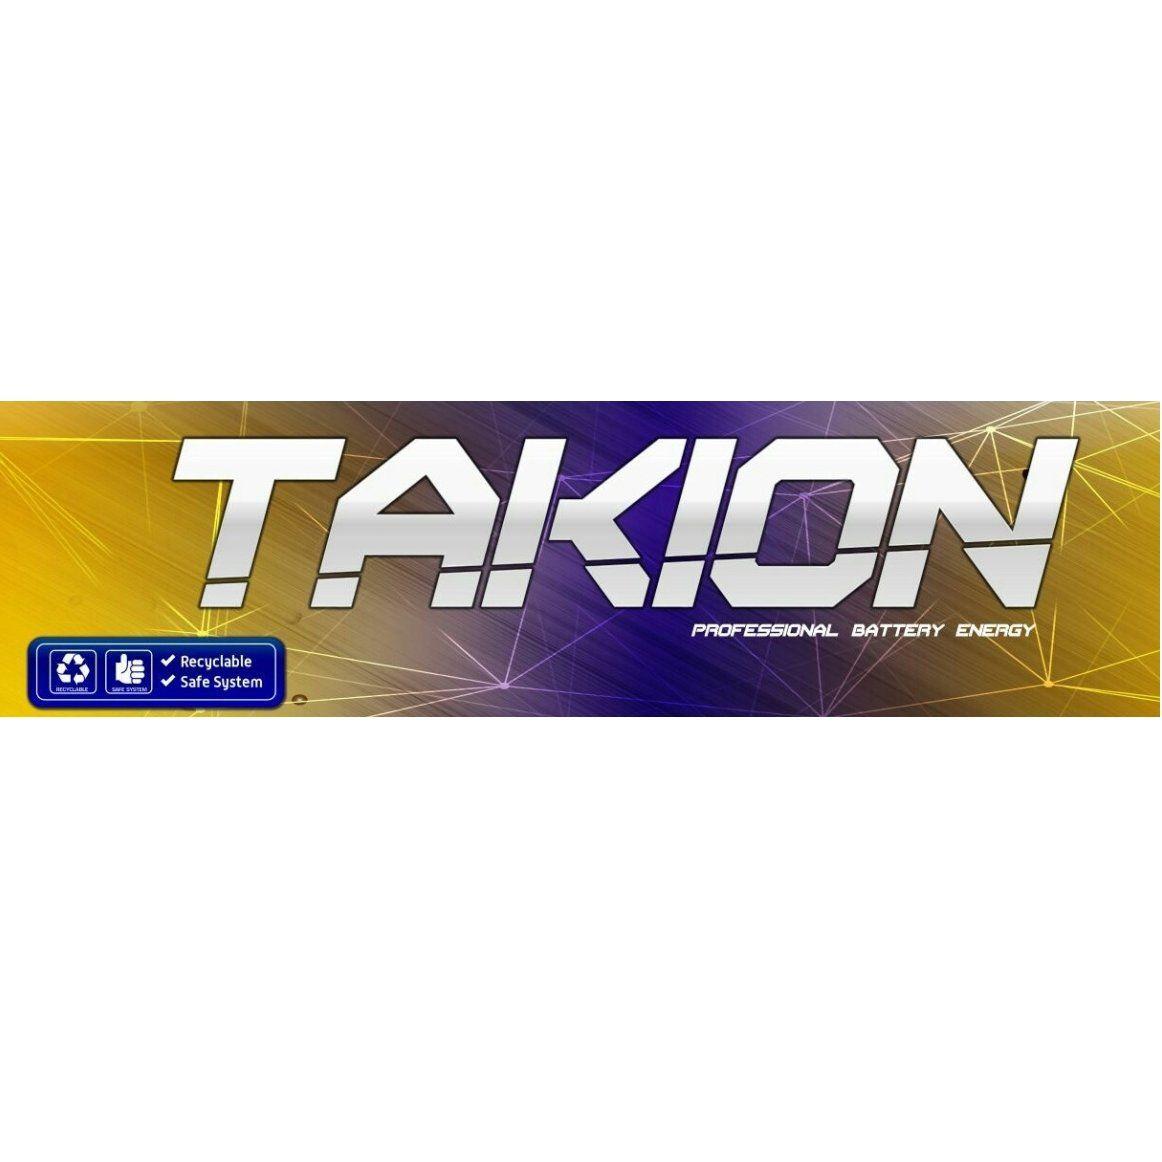 Coche - Takion Cover 95: Venta de baterías de Baterías para Vehículos